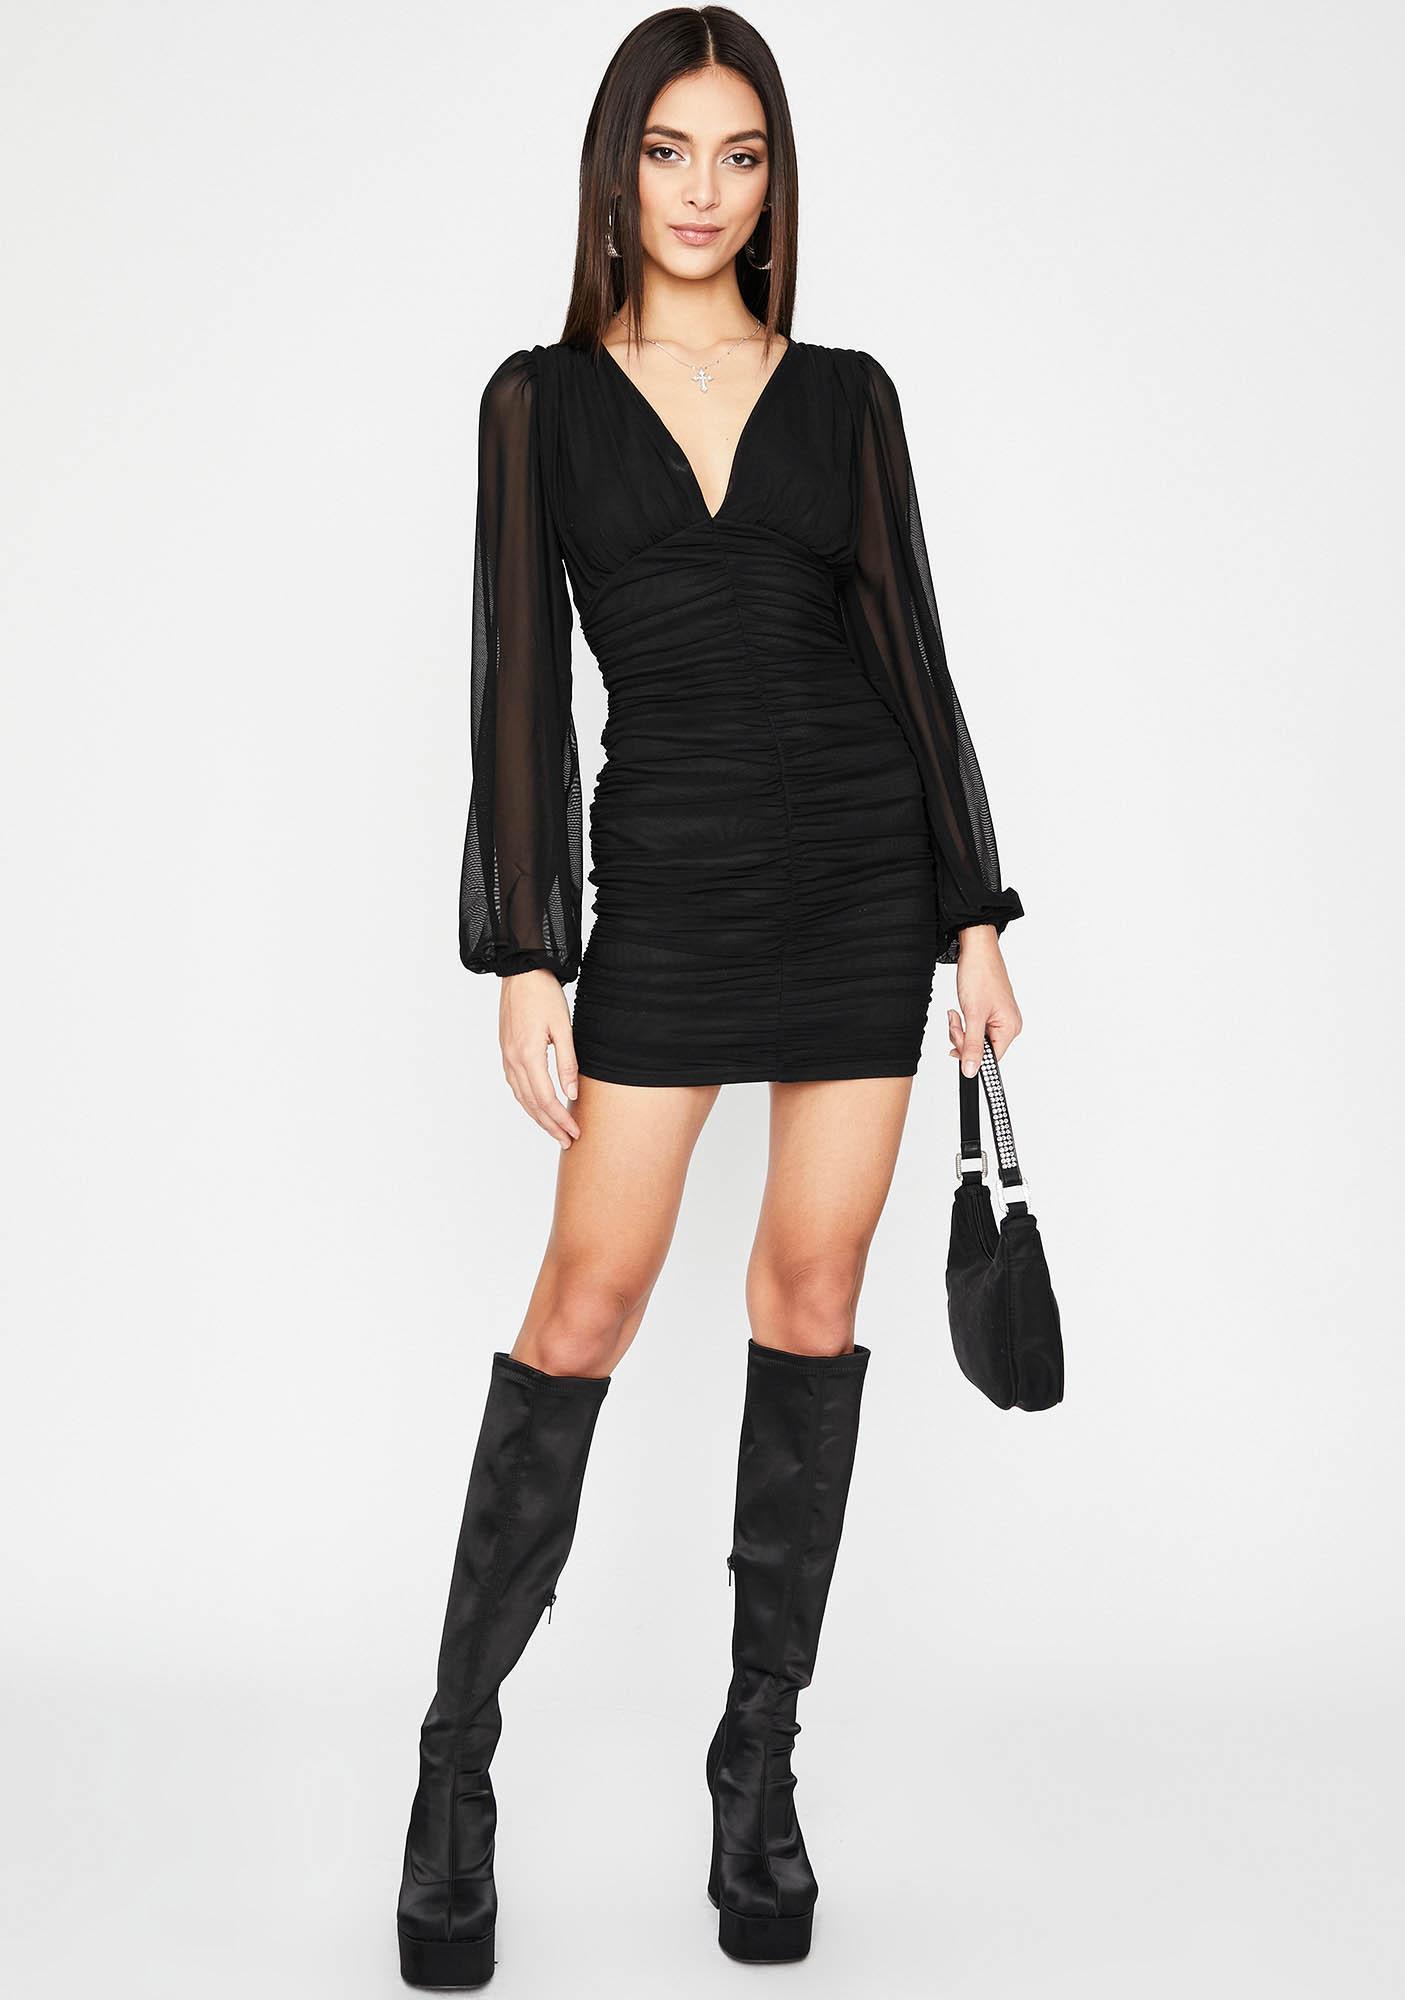 Wishful Thinking Mini Dress